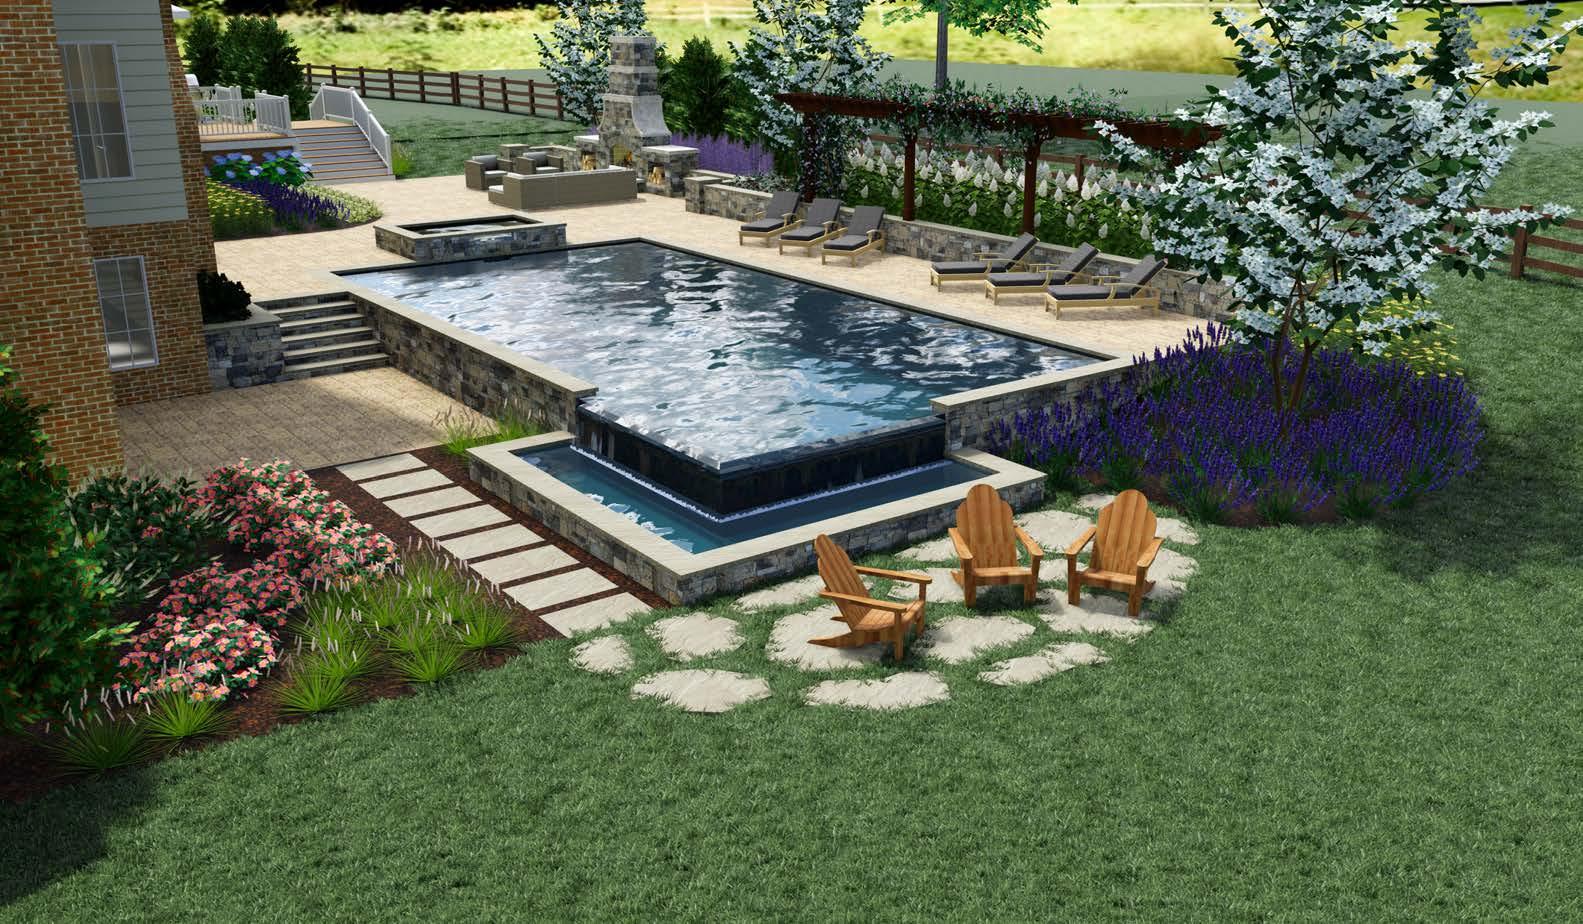 Infinity pool 3D rendering